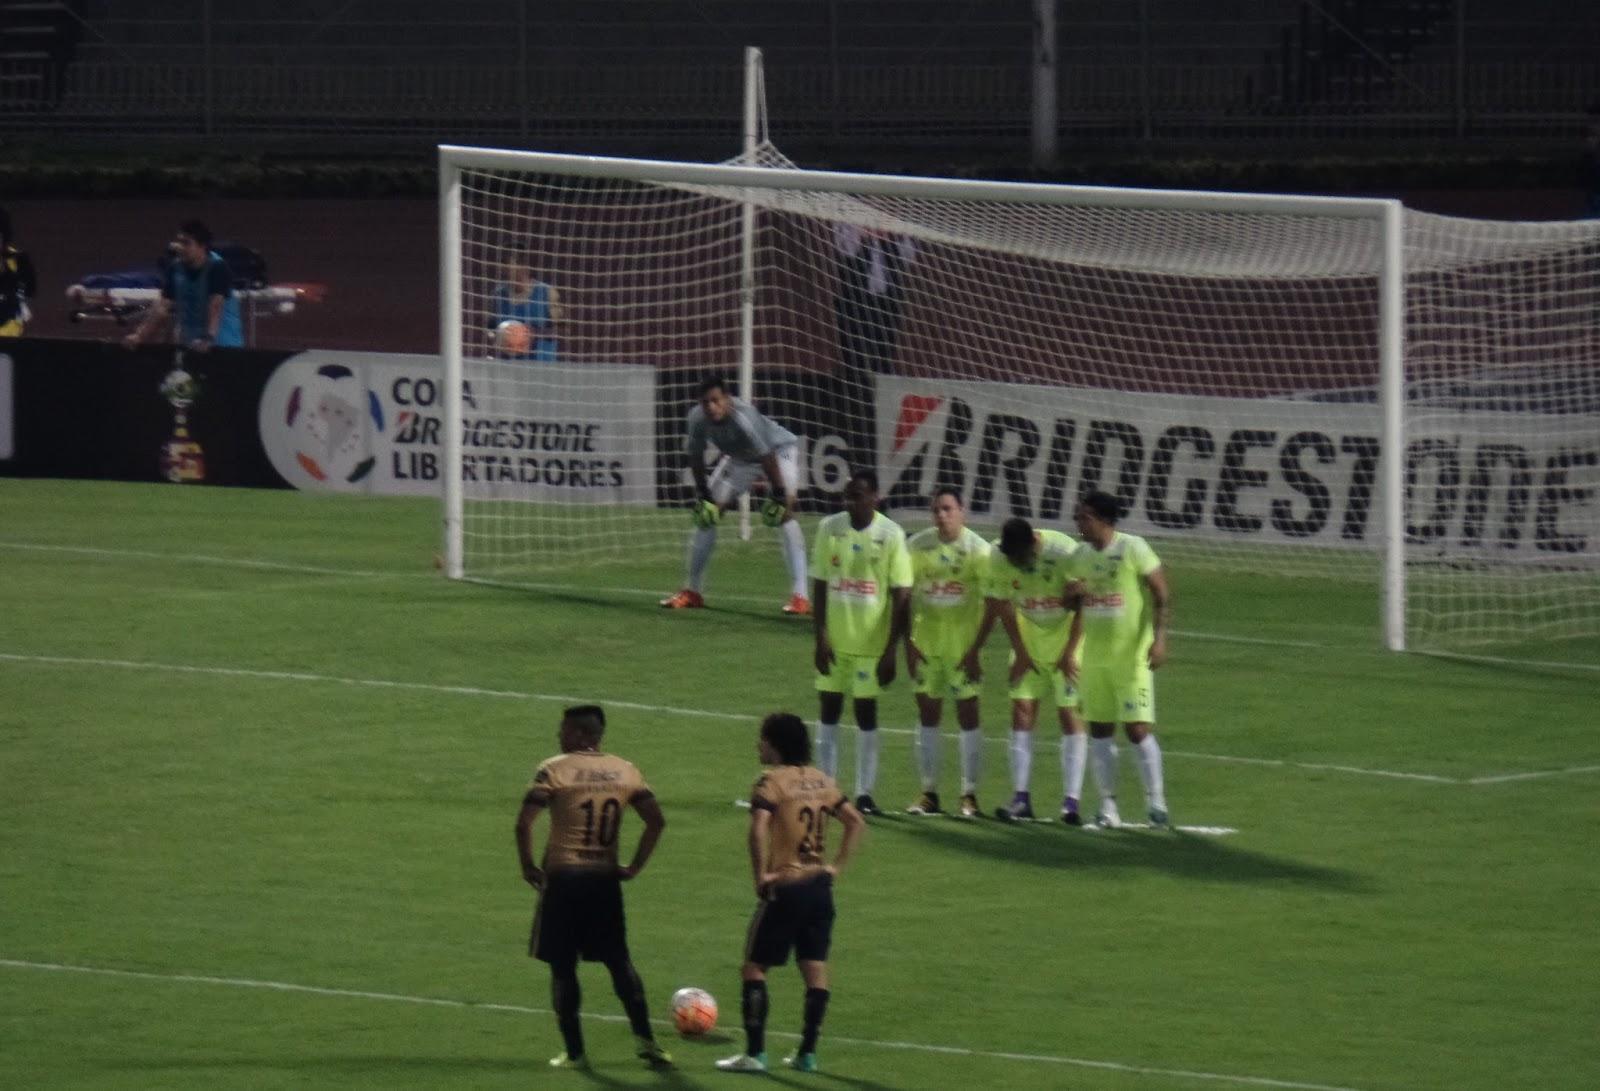 2a5f53e33 Pumas amarró su pase este martes en Ciudad Universitaria, cuando tras venir  de una derrota de 1-0 ante Táchira, le lograron anotar dos goles y así  asegurar ...